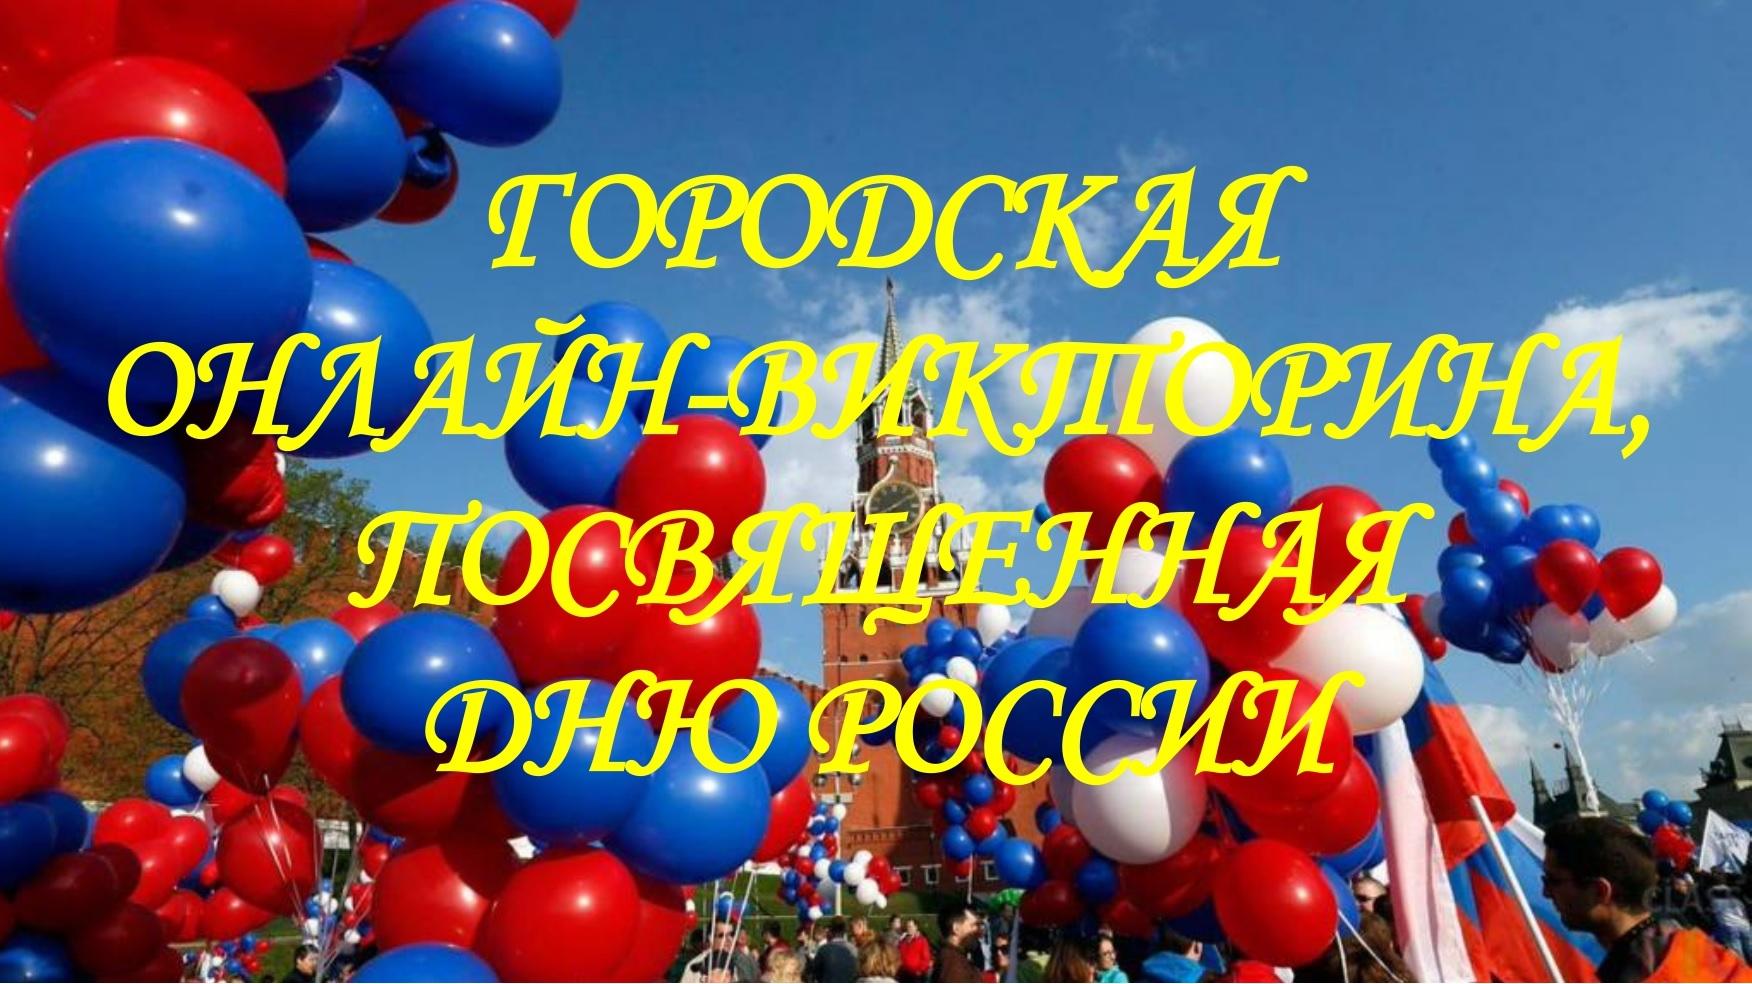 Городская онлайн-викторина, посвященная Дню России